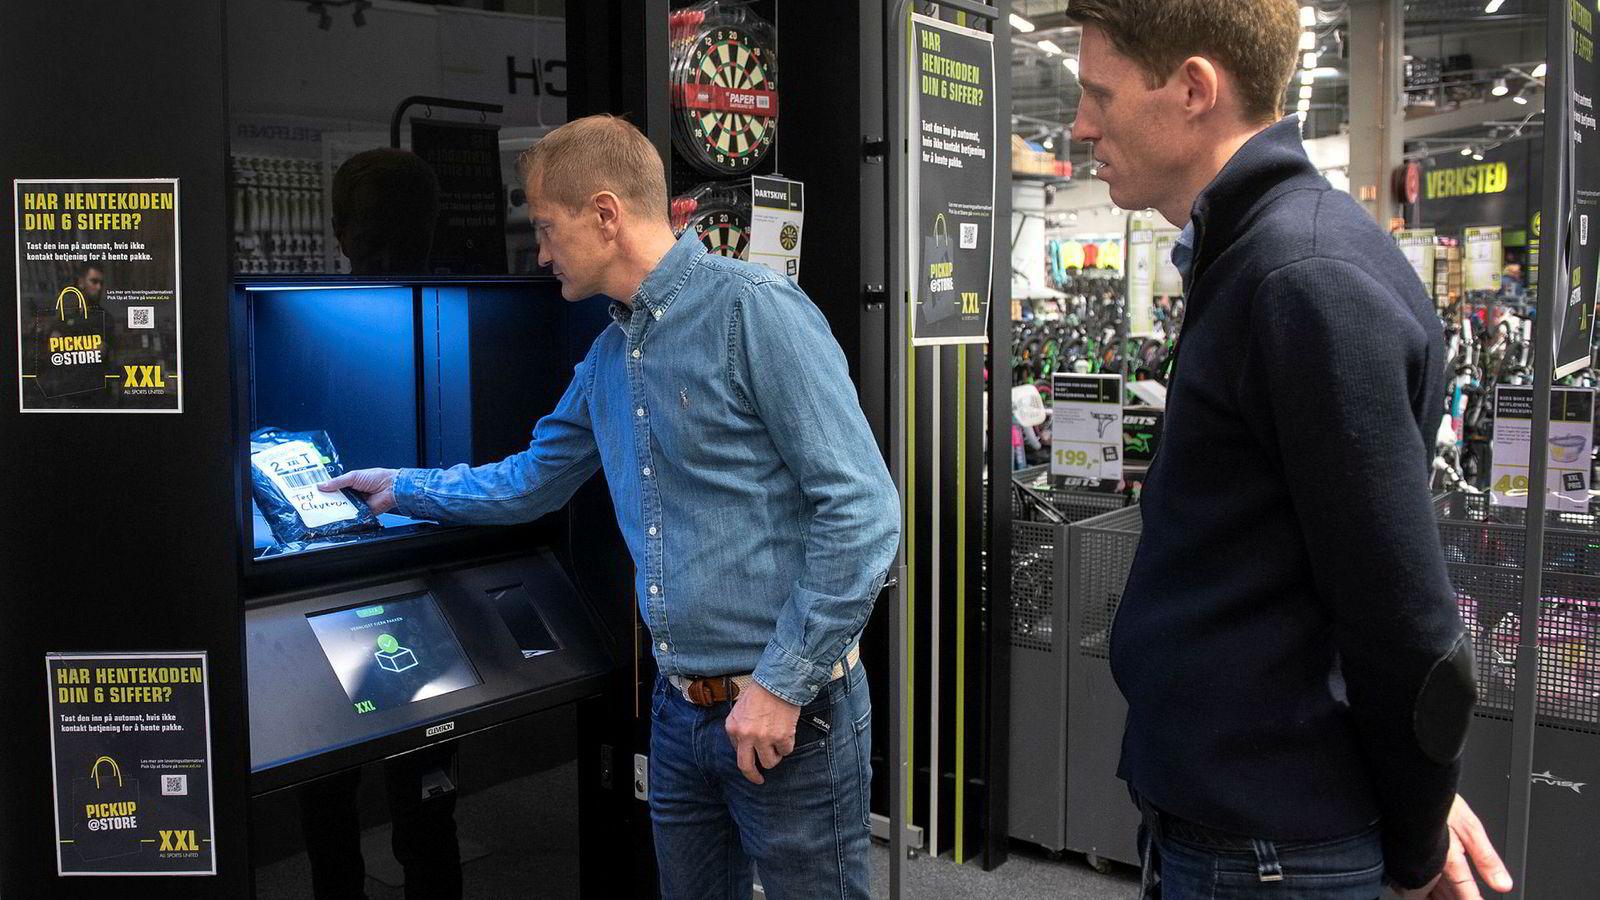 Klikk og hent er i ferd med å bli stor business for kjeder som XXL. Her viser it-direktør Espen Terland og XXL-sjef Tolle Grøterud (til høyre) hvordan pakkene kommer ut fra den nye roboten i butikken på Alnabru.